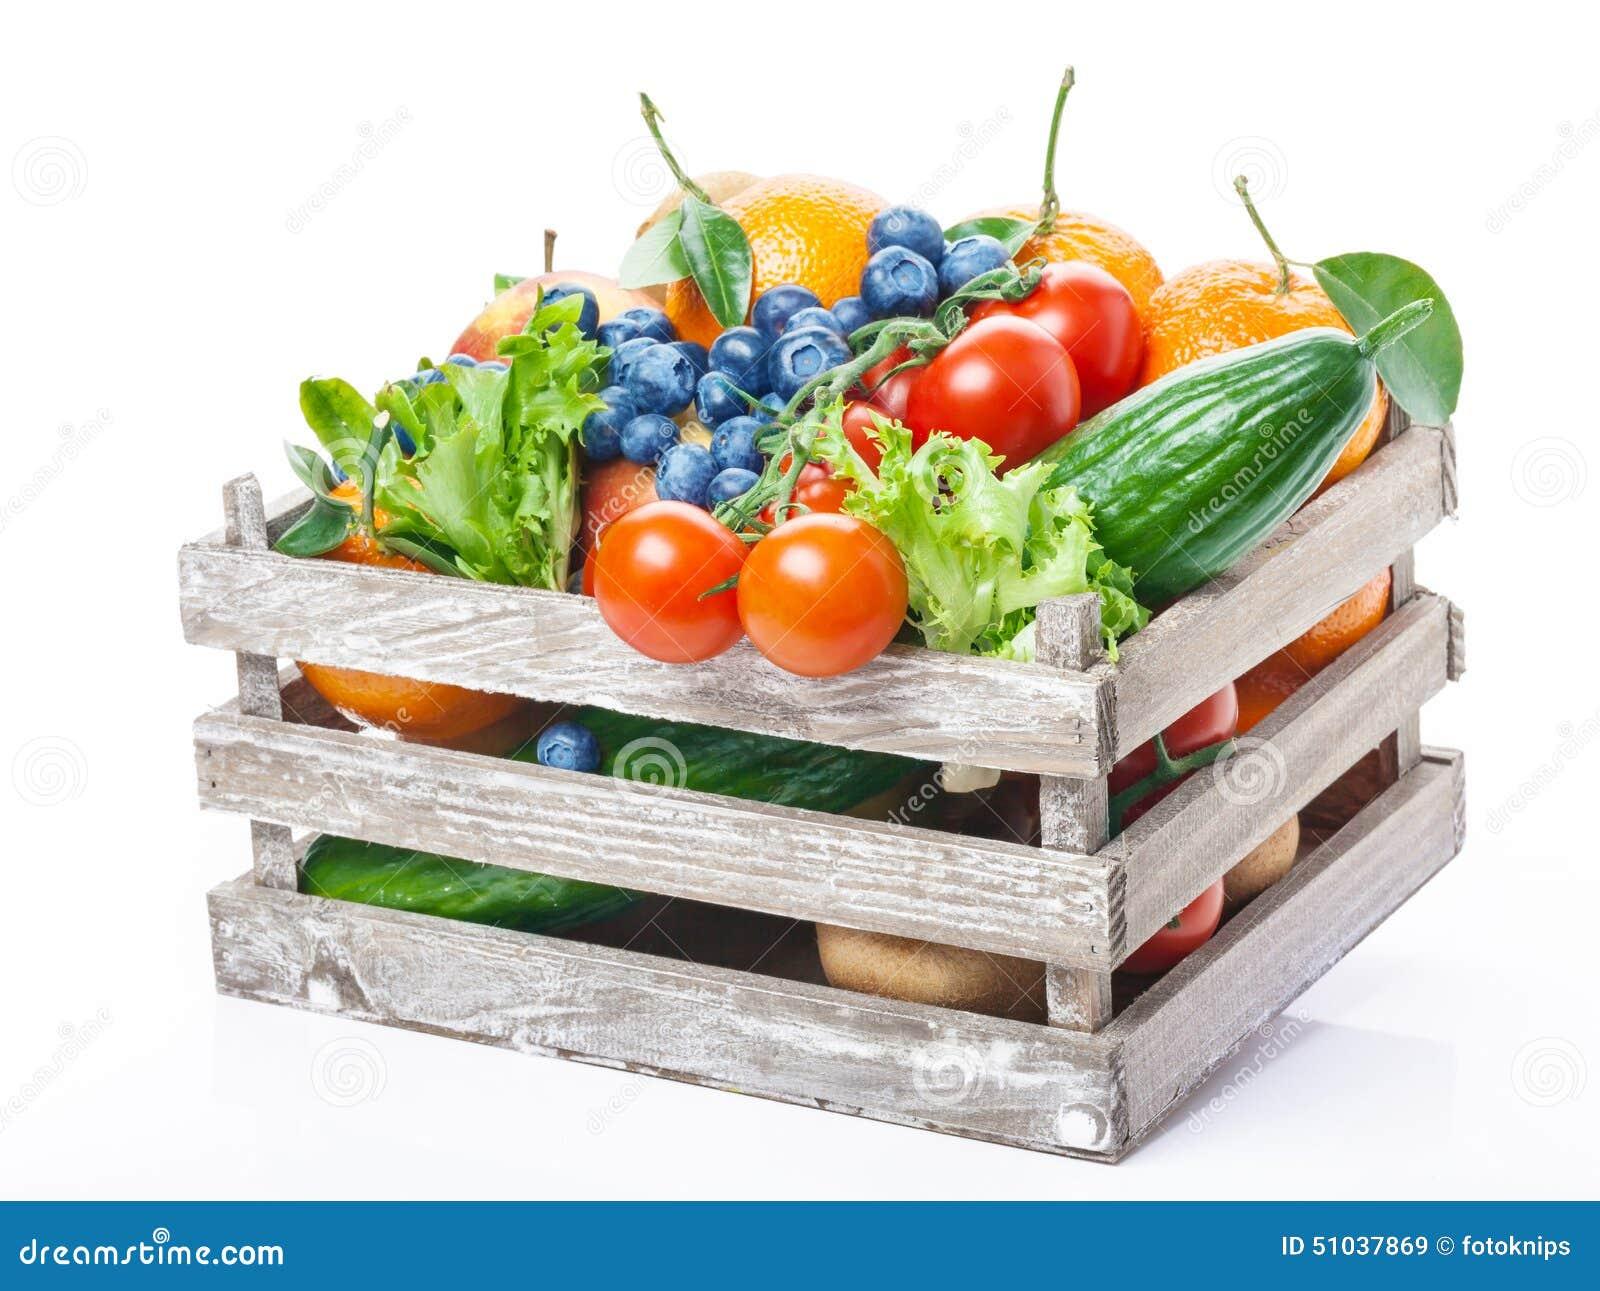 Cajas de madera de fruta gratis download caja de madera - Cajas de madera para fruta ...